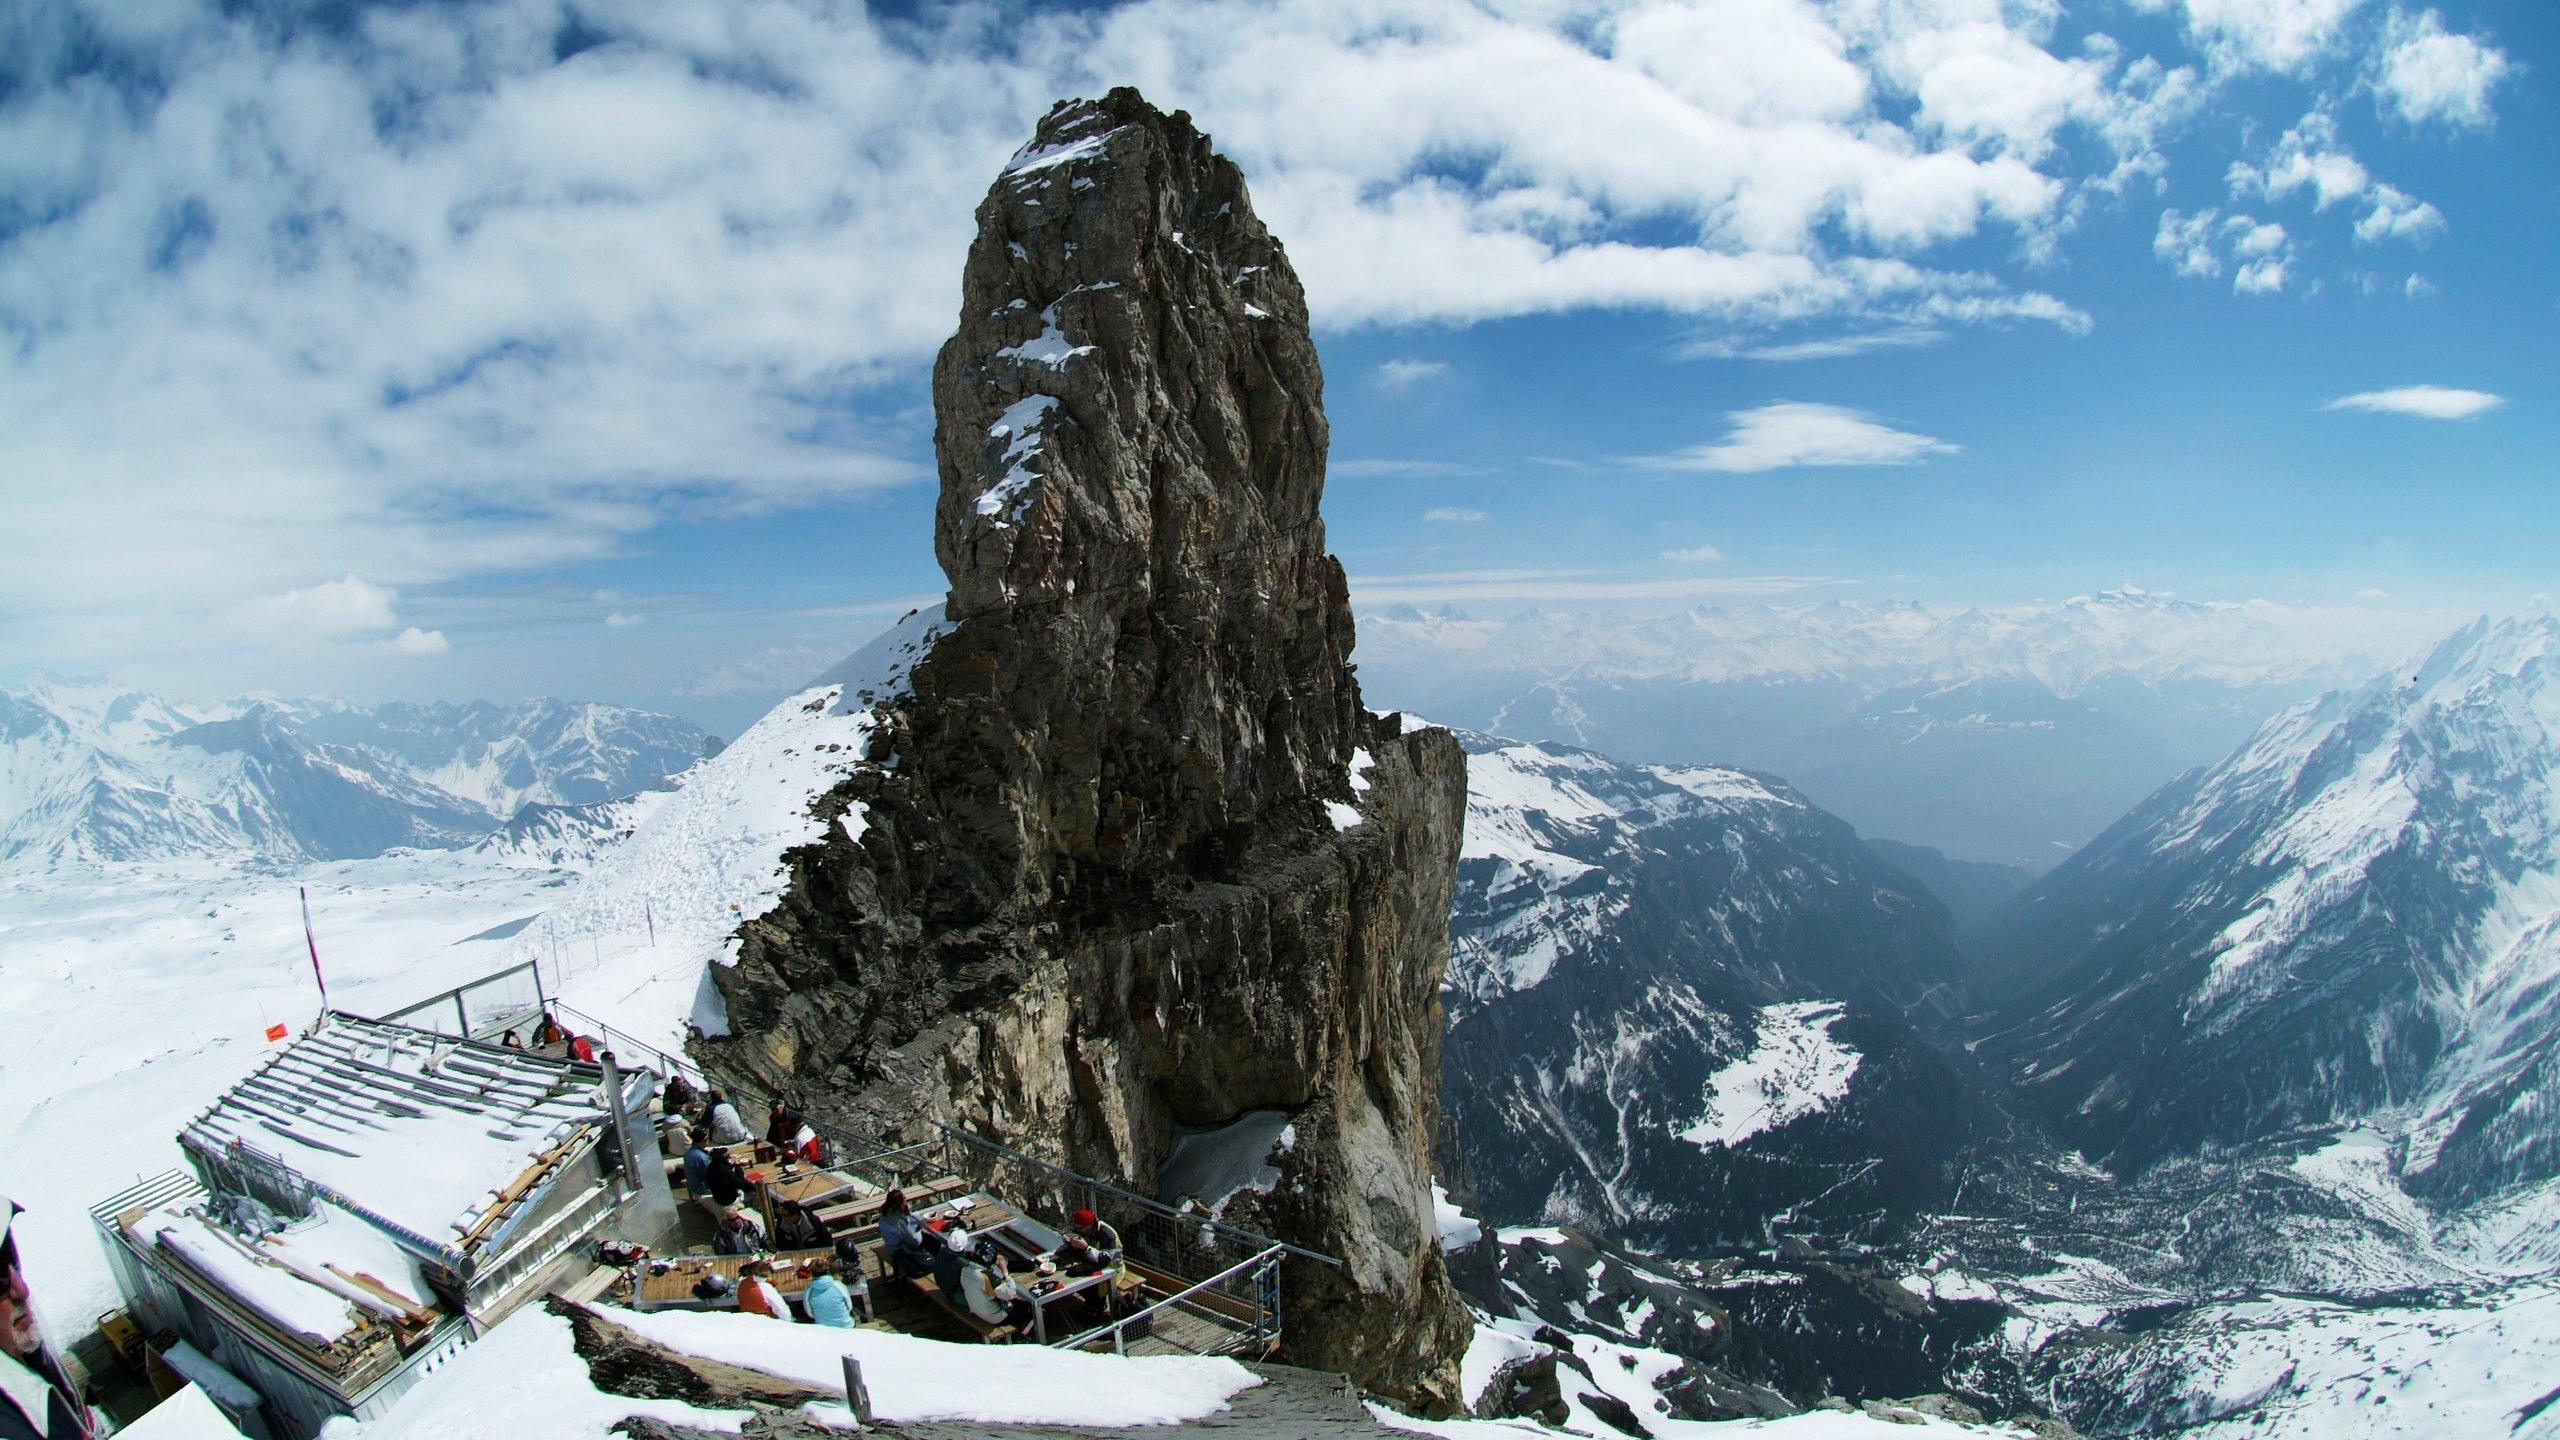 Gstaad Ski Resort, Saanen, Canton of Bern, Switzerland